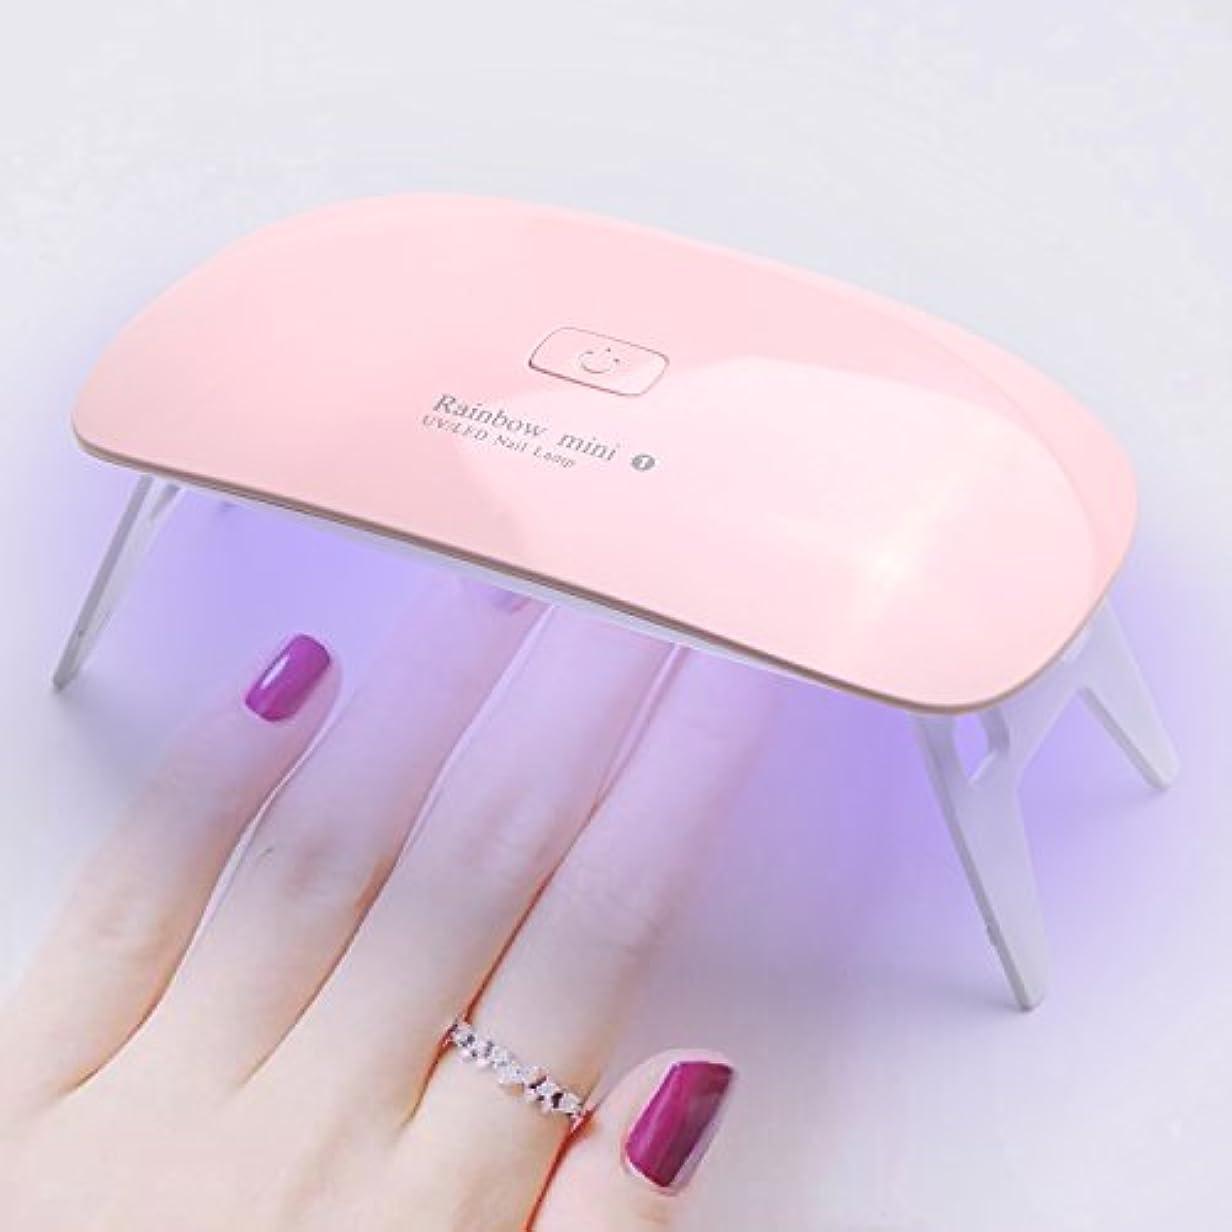 ピンチテンポベイビーLEDネイルドライヤー AmoVee UVライト タイマー設定可能 折りたたみ式 ジェルネイル用 (pink)